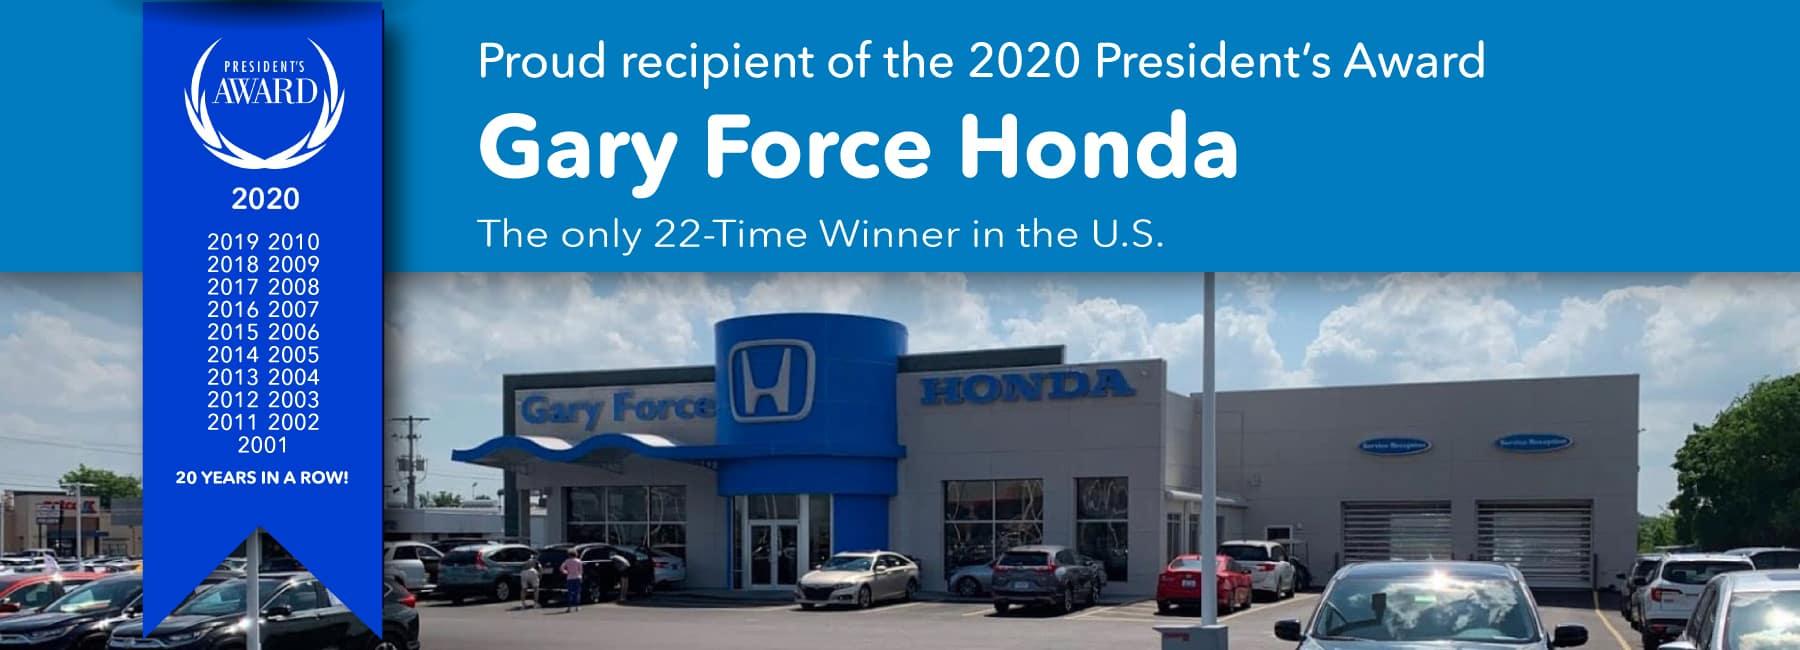 Presidents Award 2020 - 22 Time Winner